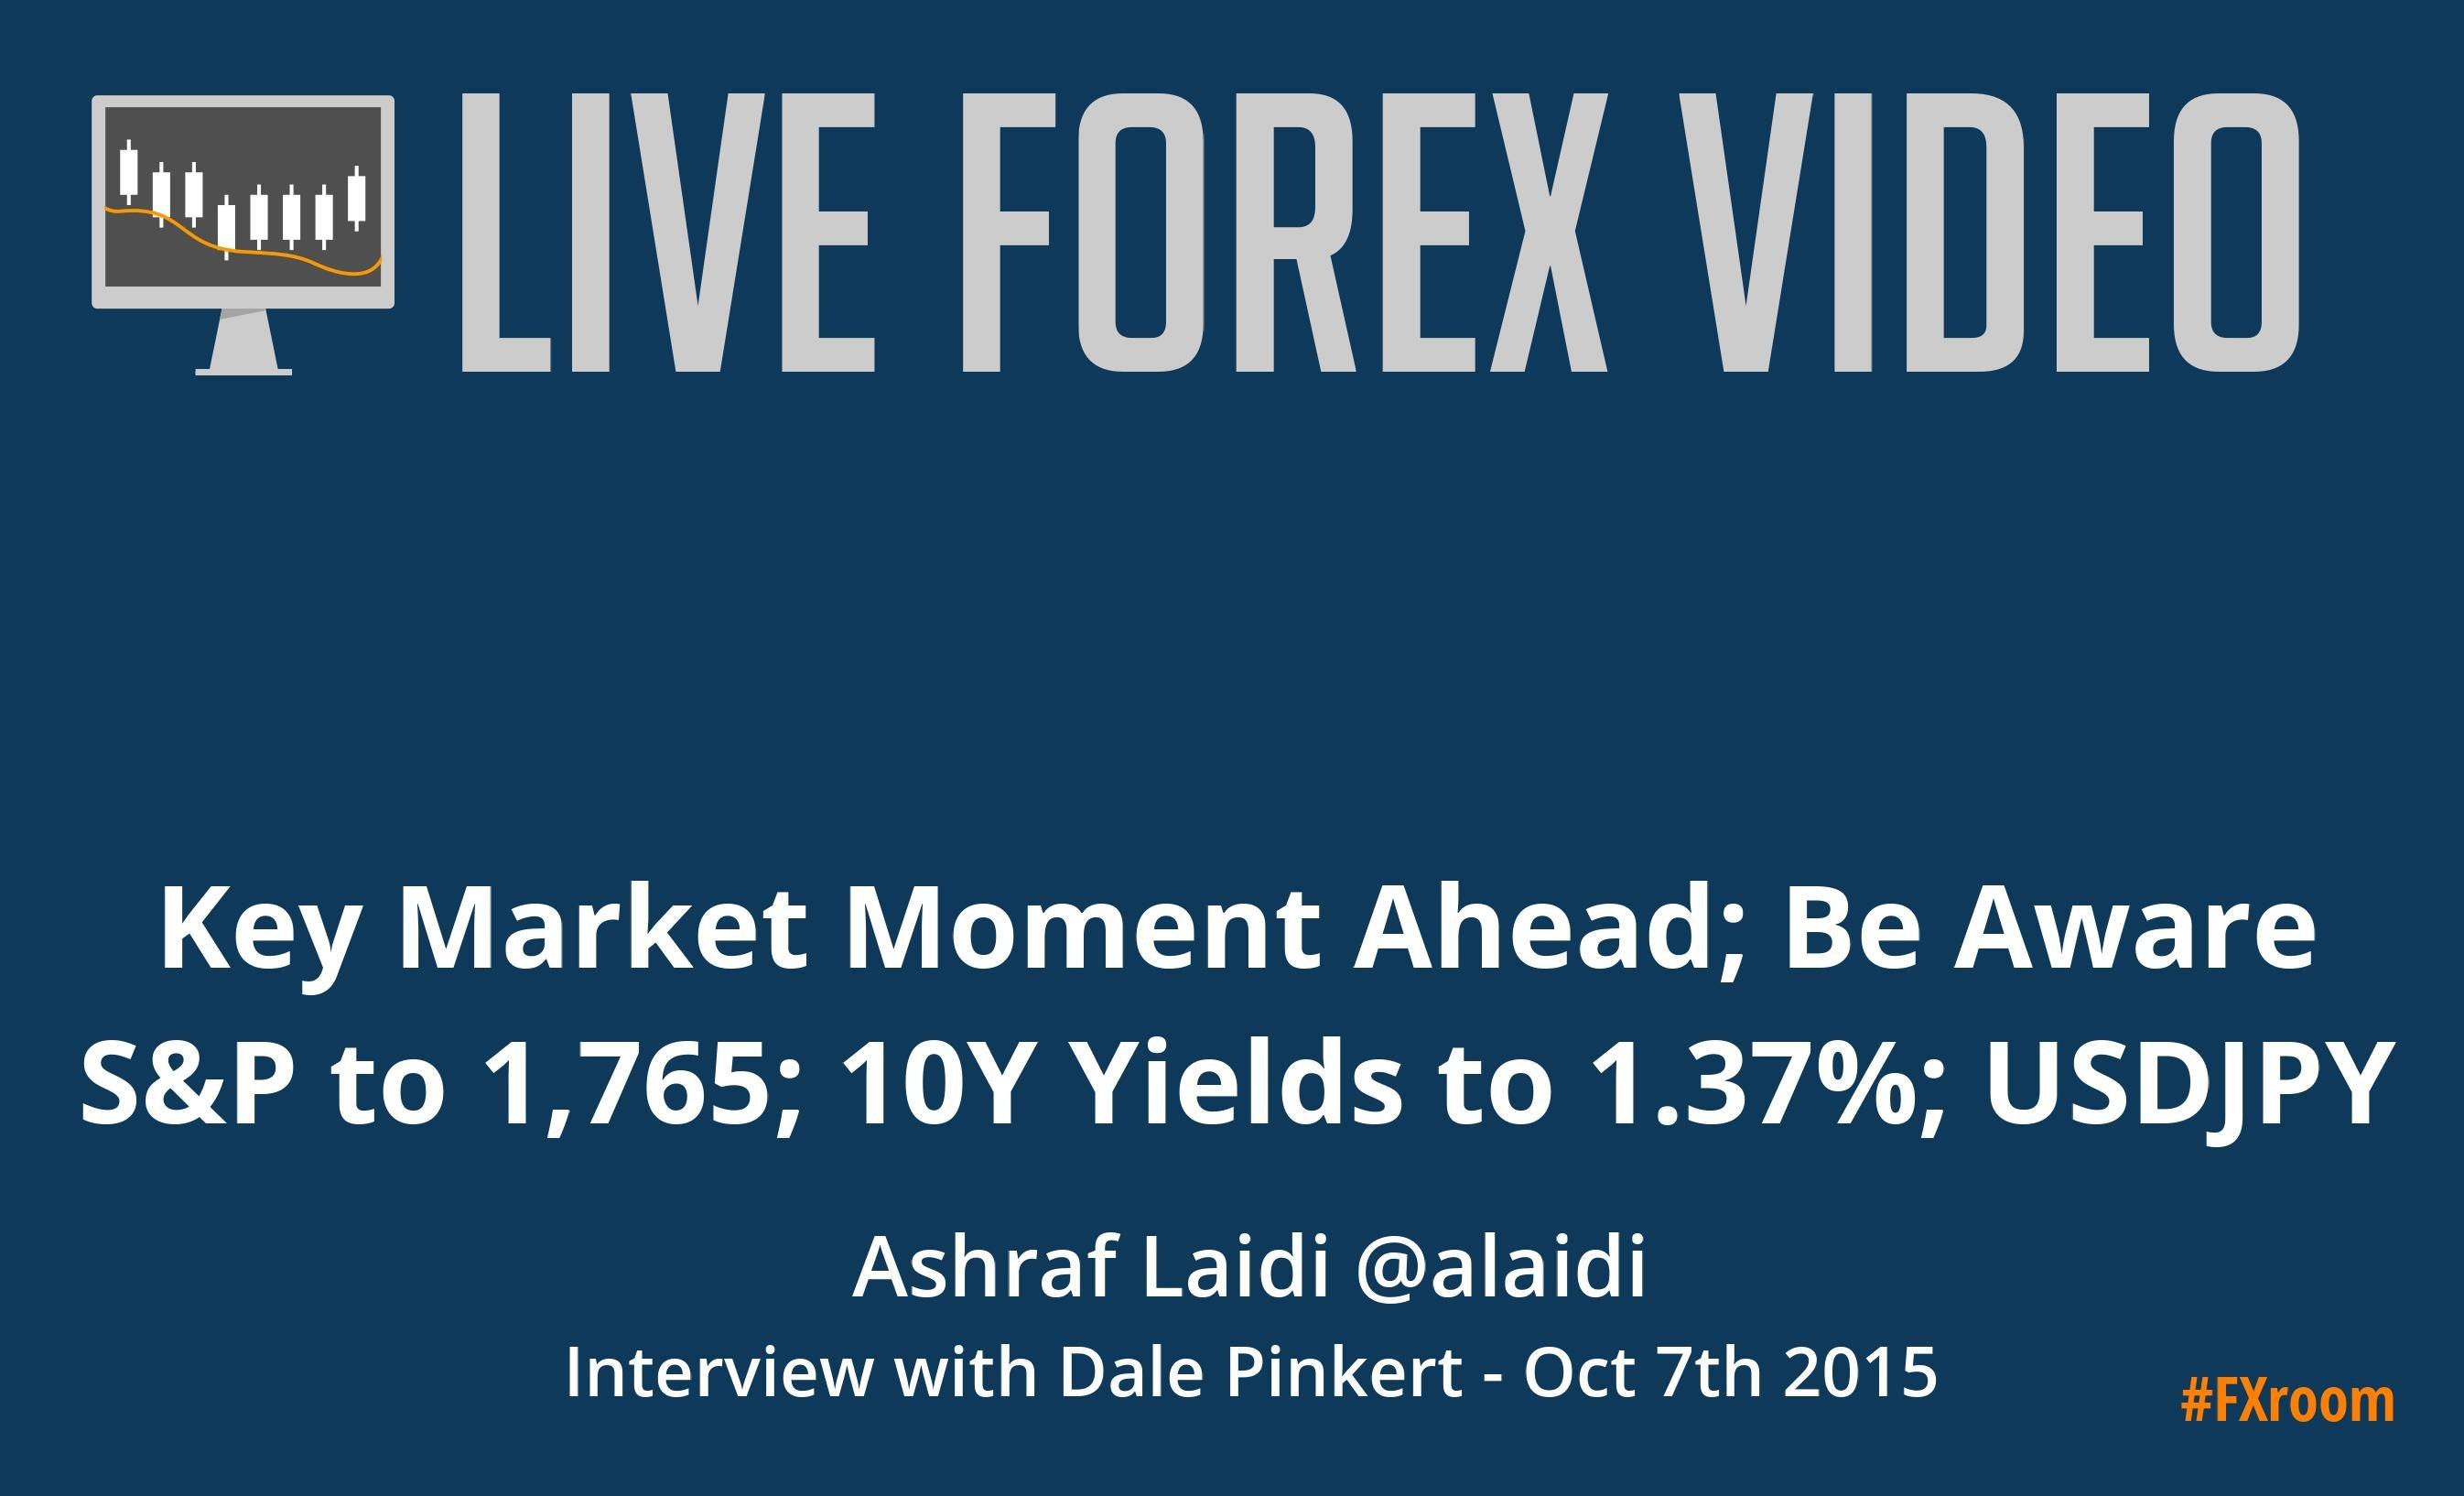 Ashraf Laidi @alaidi: 10-Y yields to 1.37%; S&P to 1,765; USDJPY to 115.00